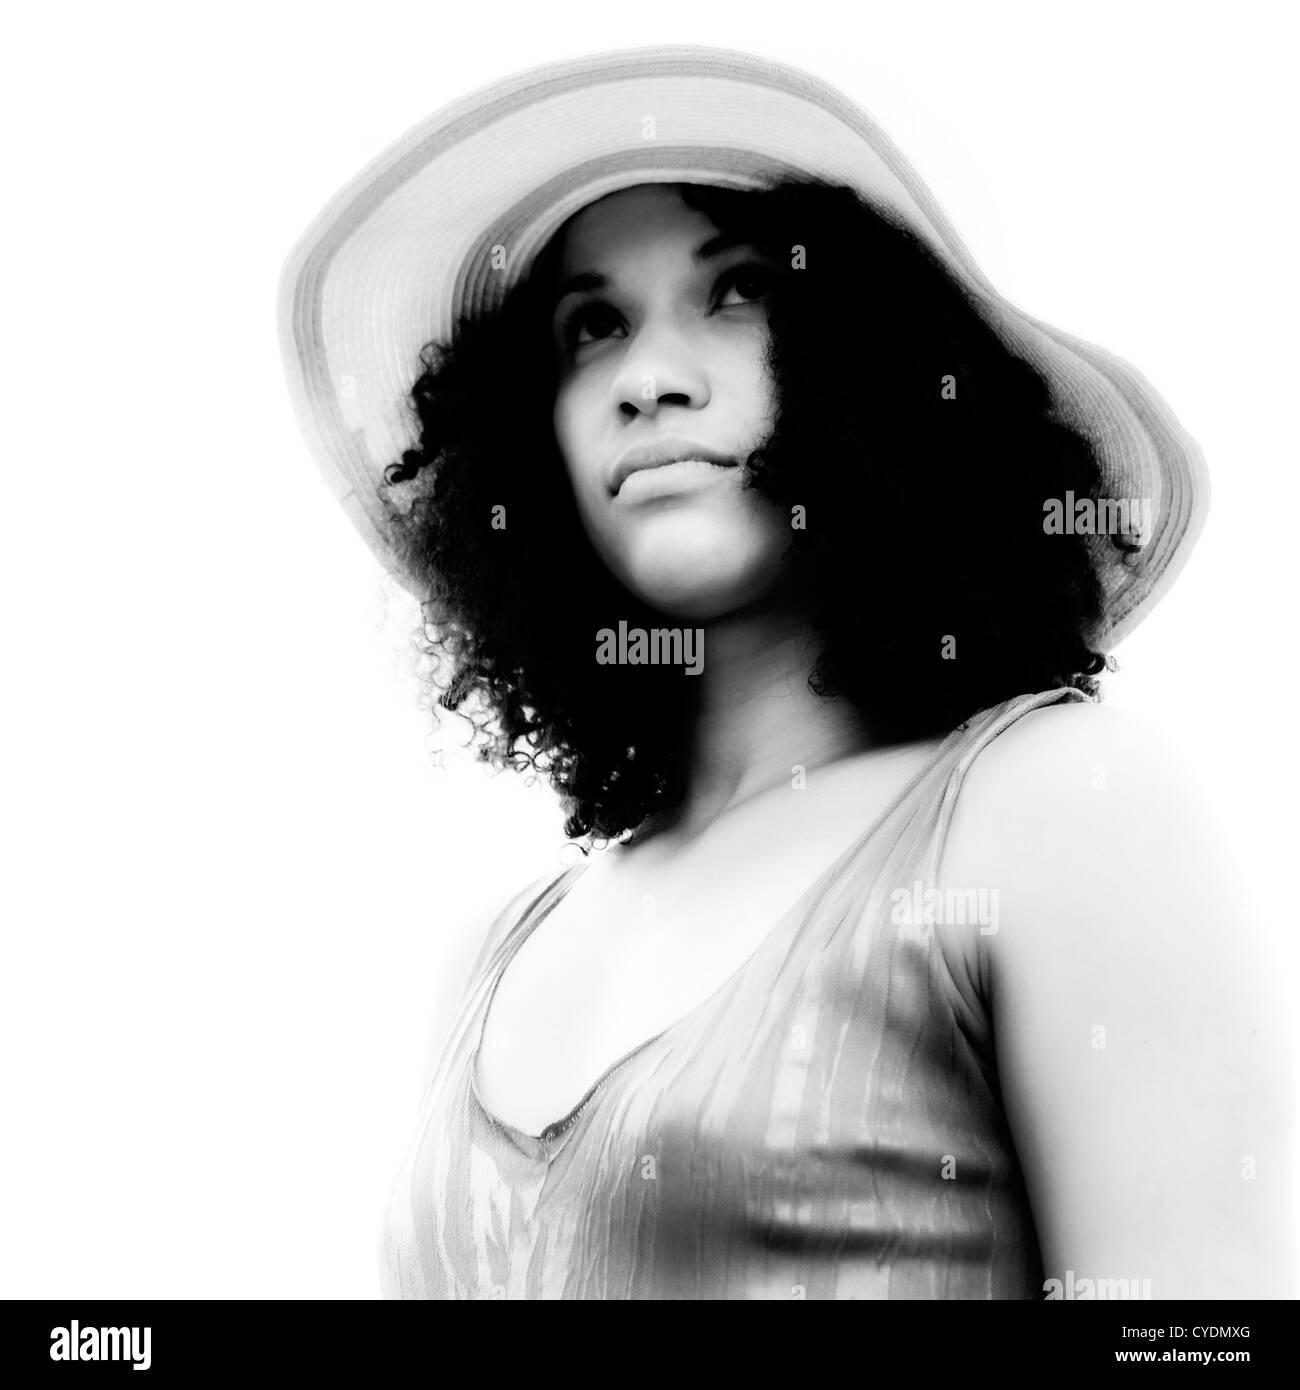 Retrato de una bella mujer en blanco y negro Imagen De Stock